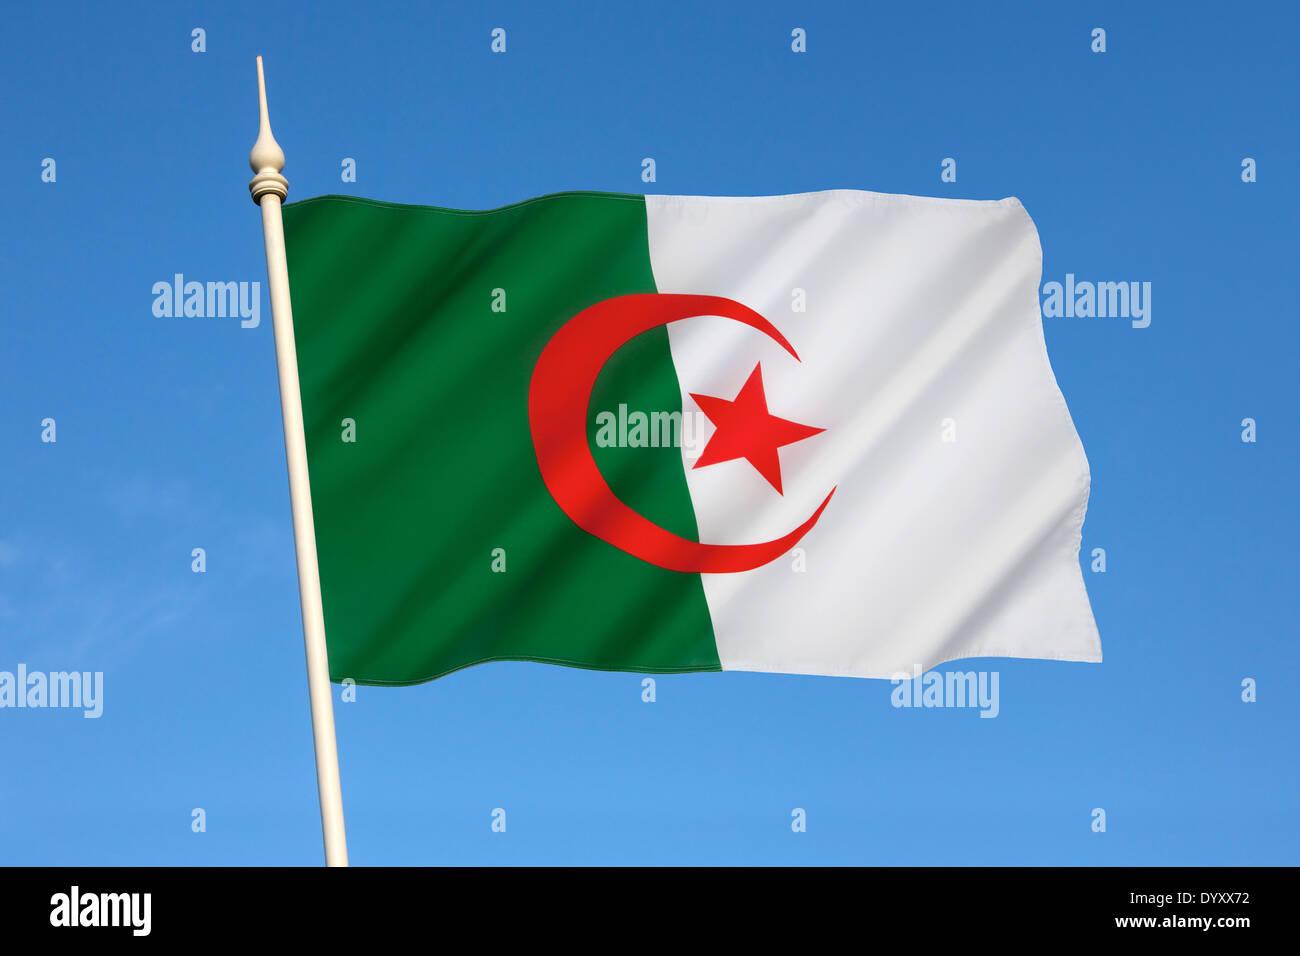 Le drapeau national de l'Algérie Photo Stock